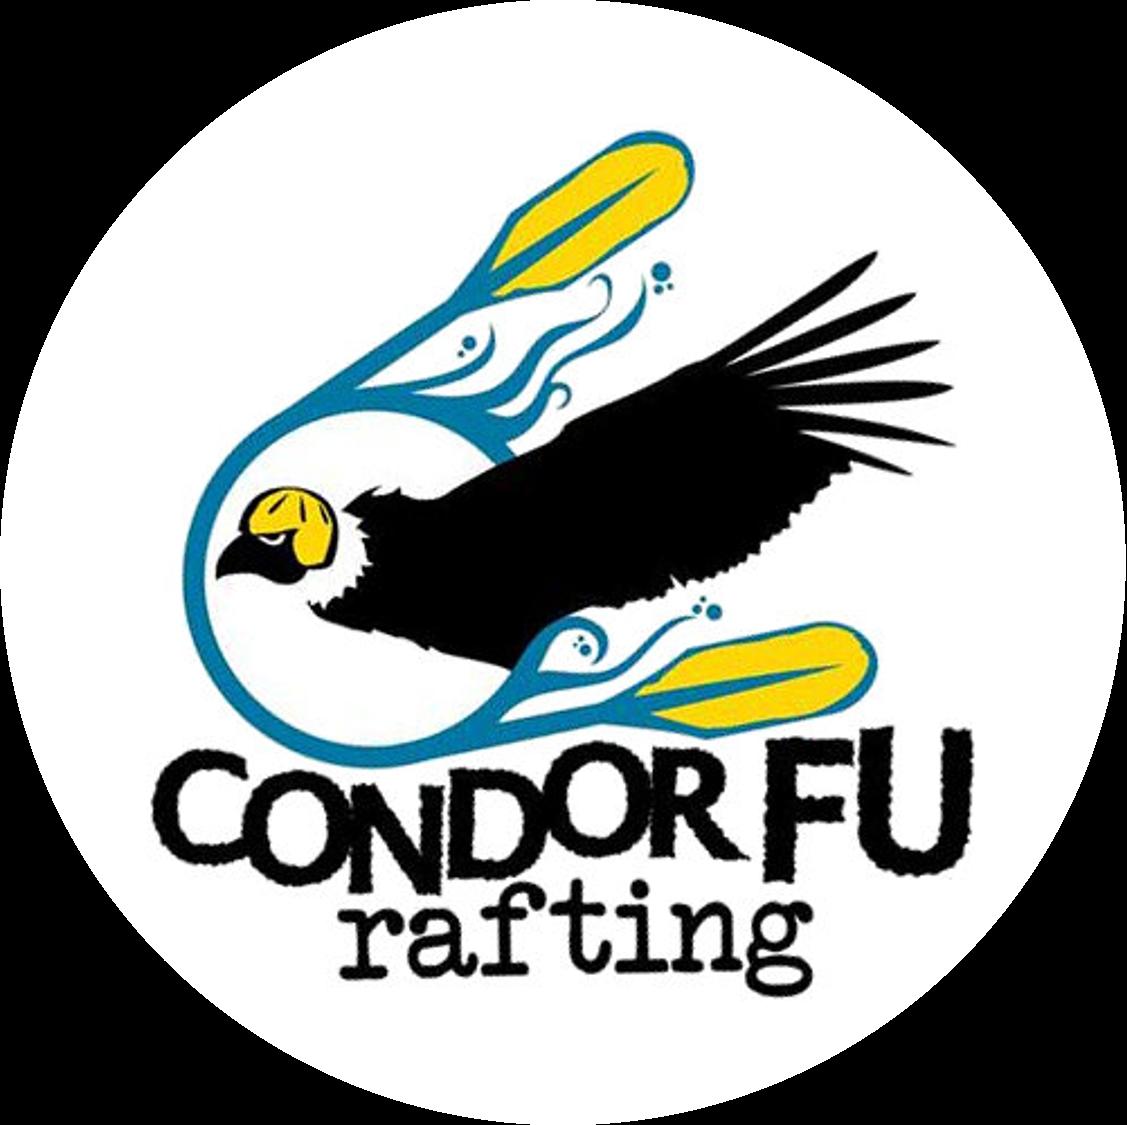 condorfu